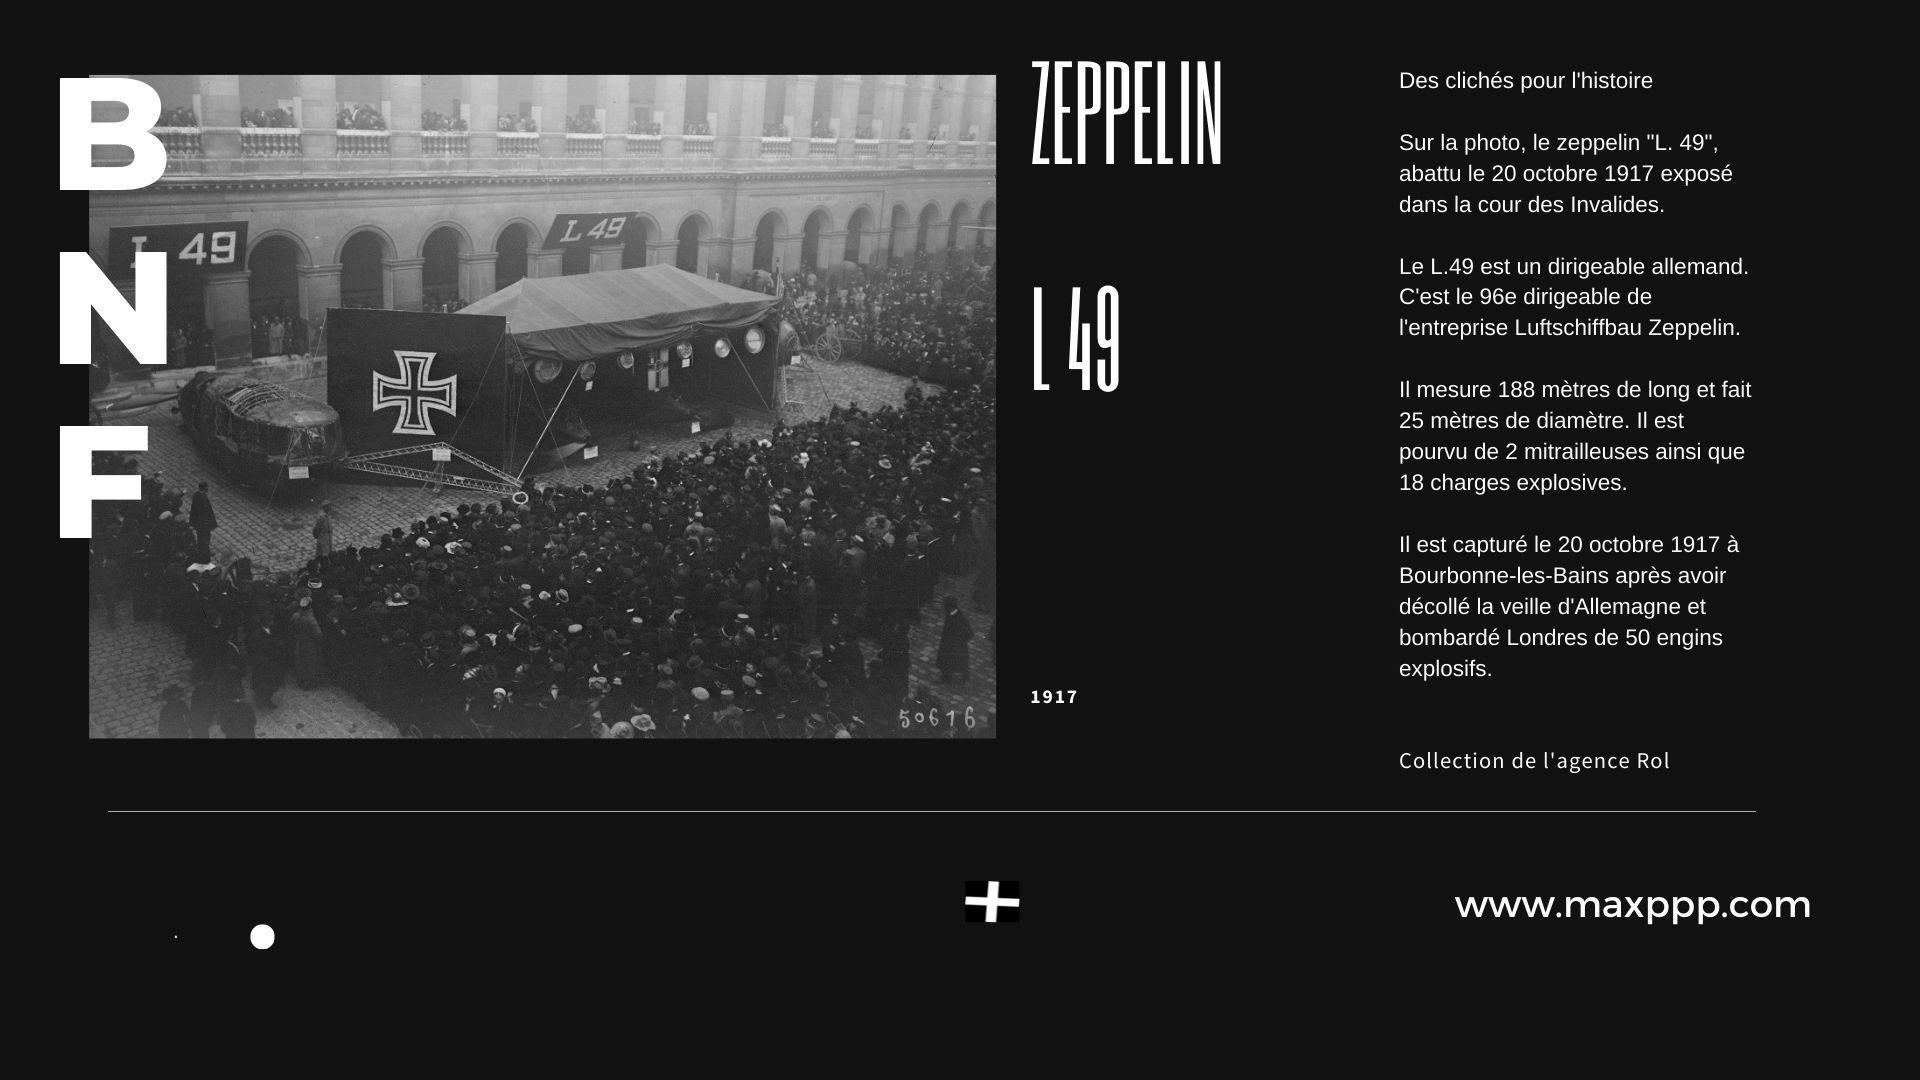 Zeppelin L49